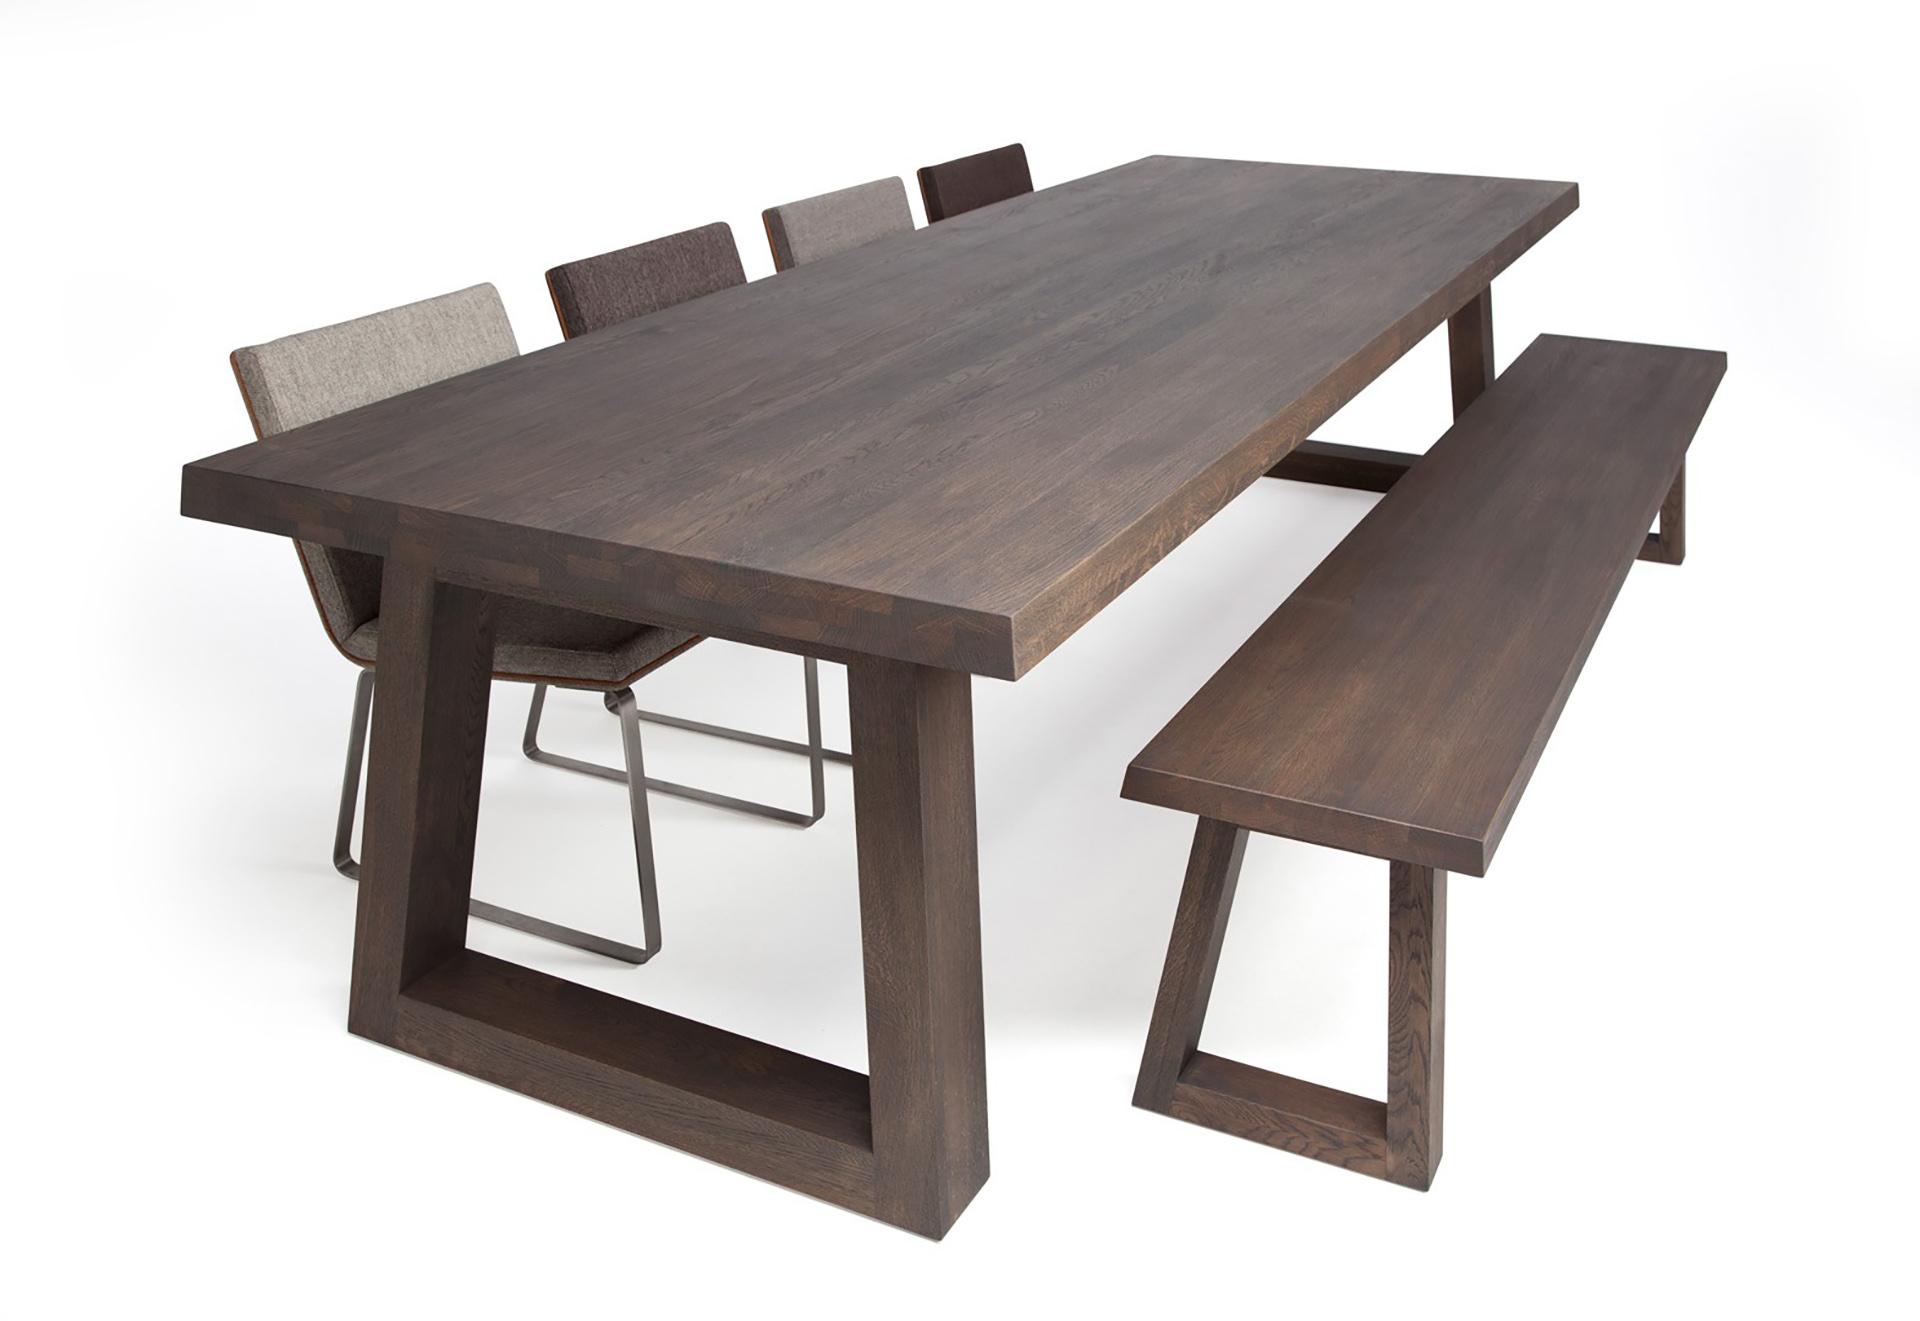 Grote eettafel 10 personen loungeset 2017 - Grote ronde houten tafel ...